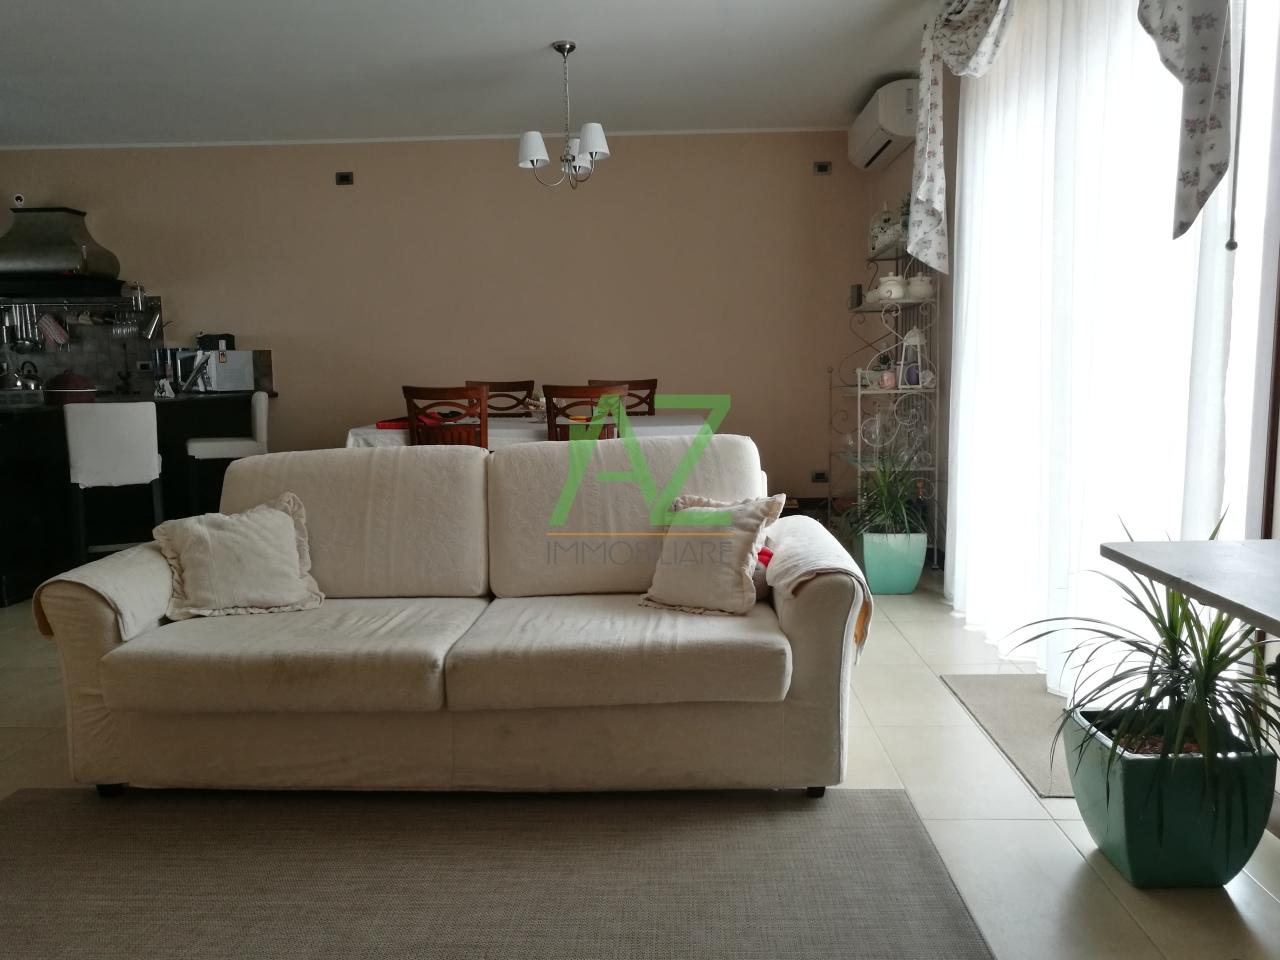 Appartamento in vendita a Motta Sant'Anastasia, 5 locali, prezzo € 165.000 | Cambio Casa.it